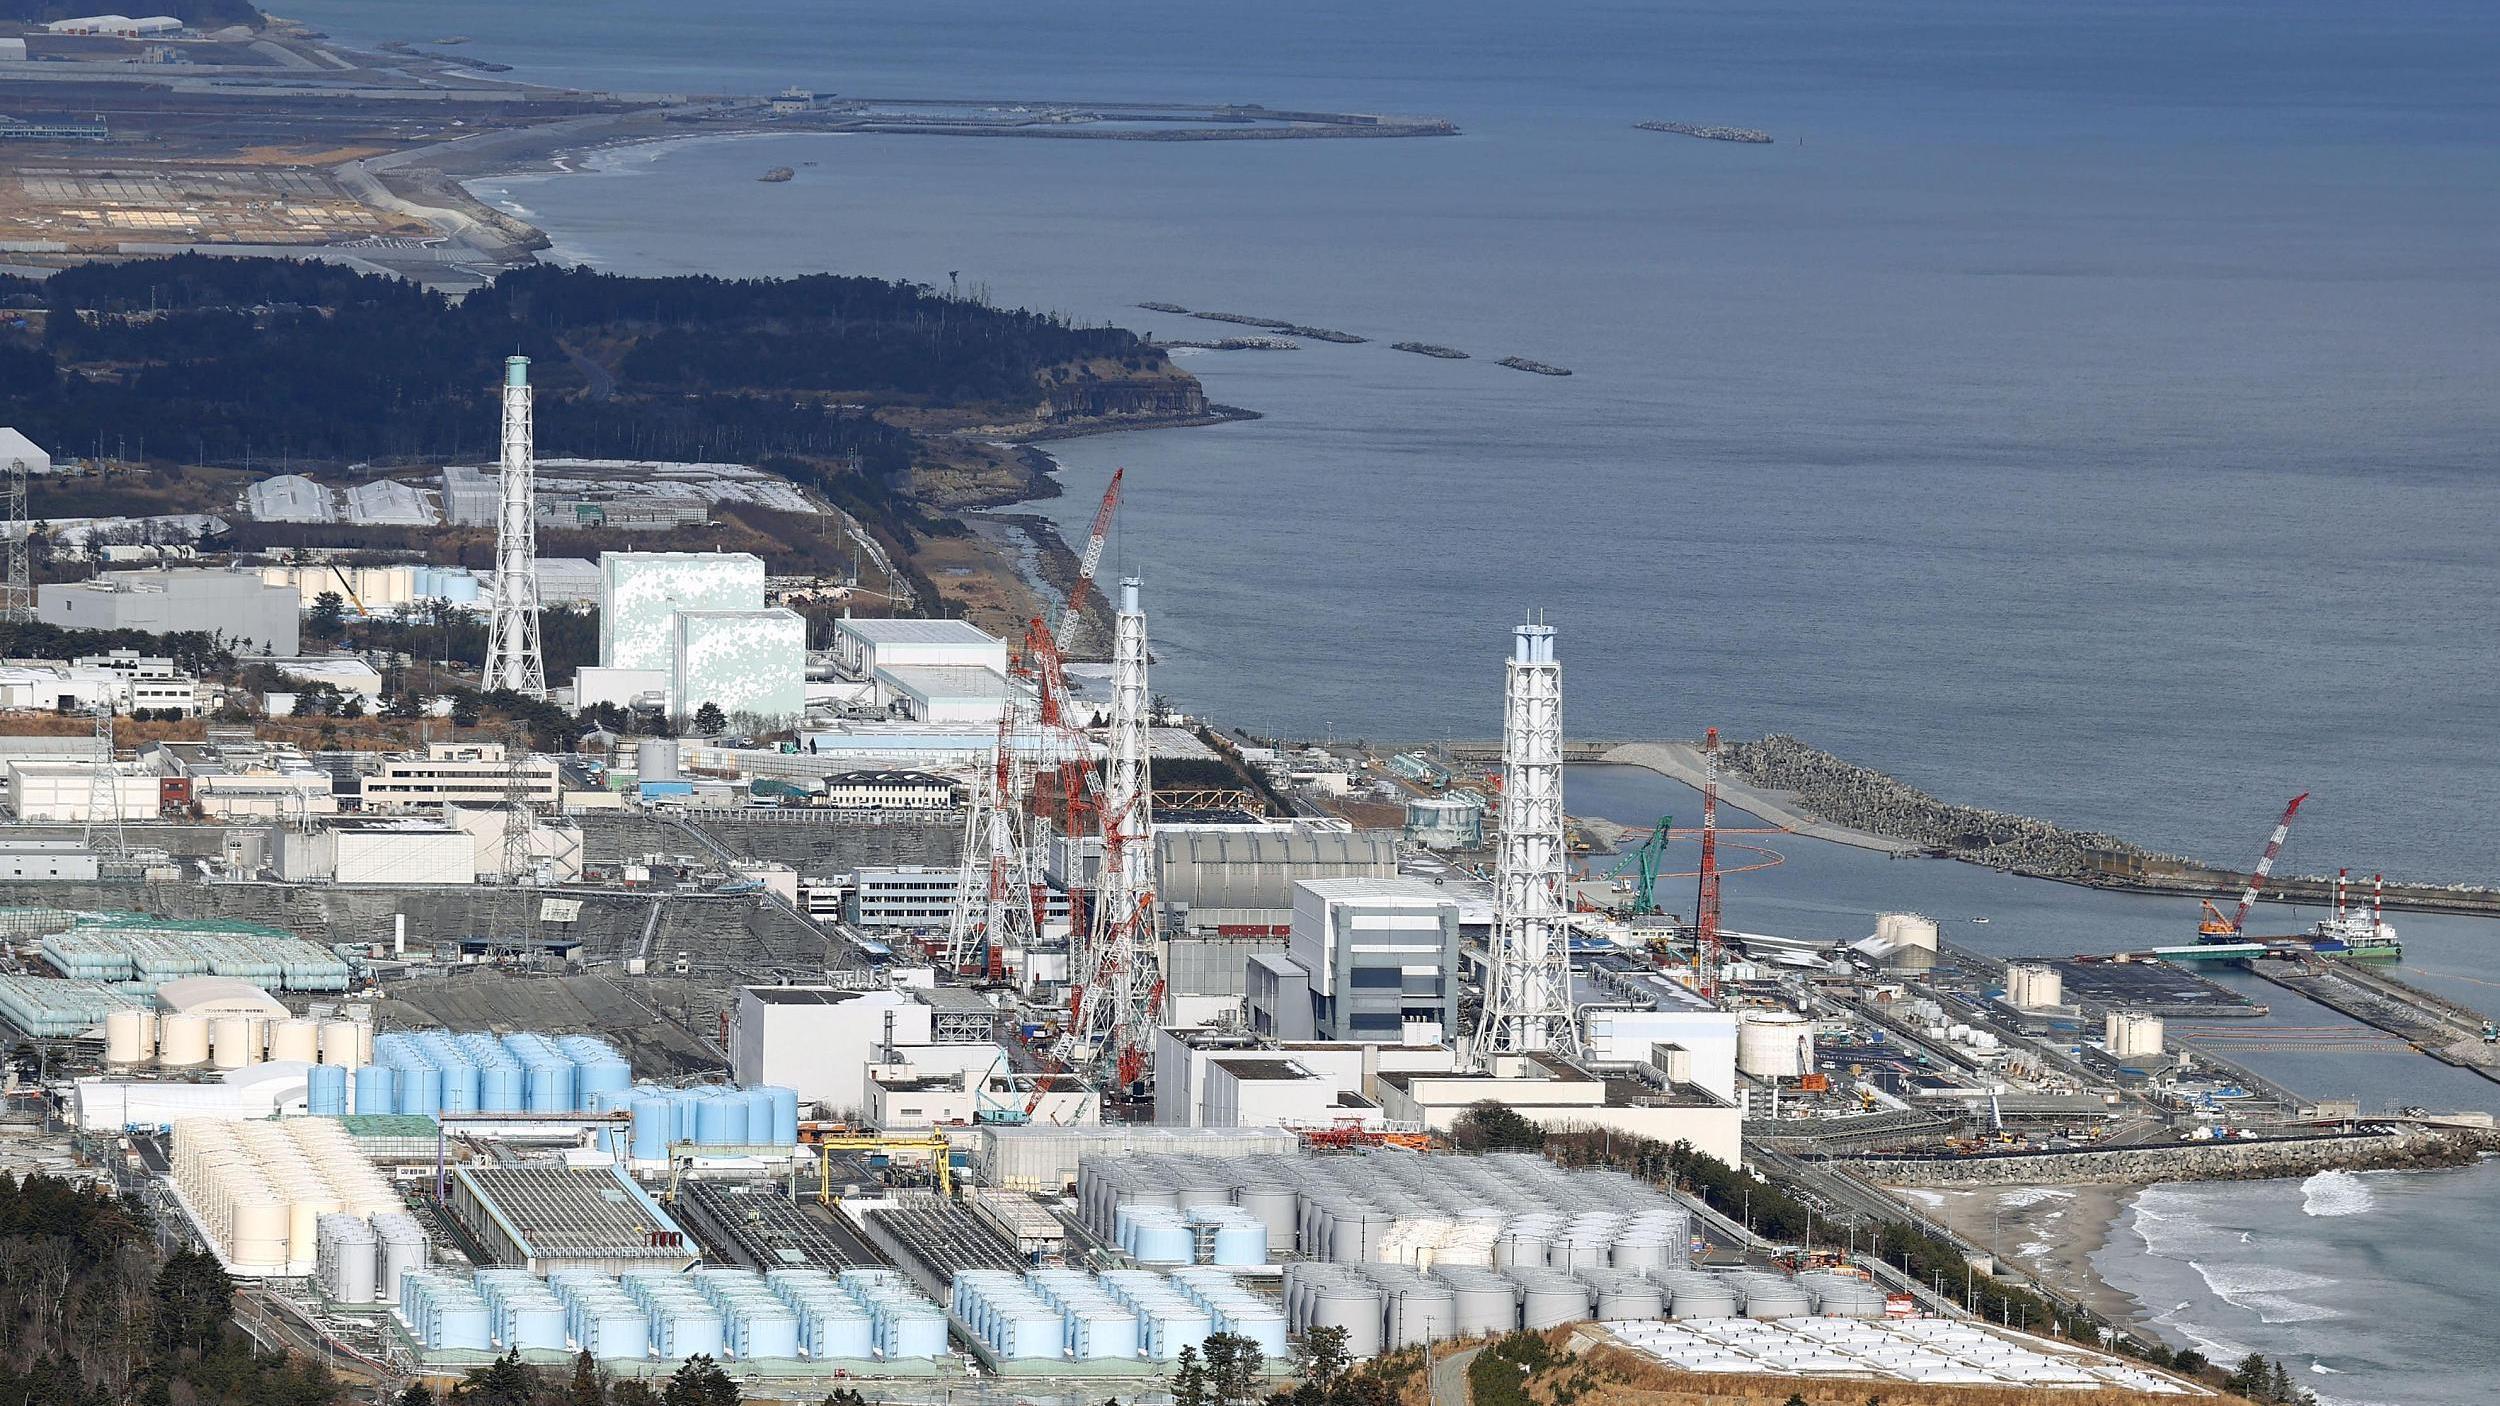 福岛海域发生6.0级地震,日本东电称核电站未受影响